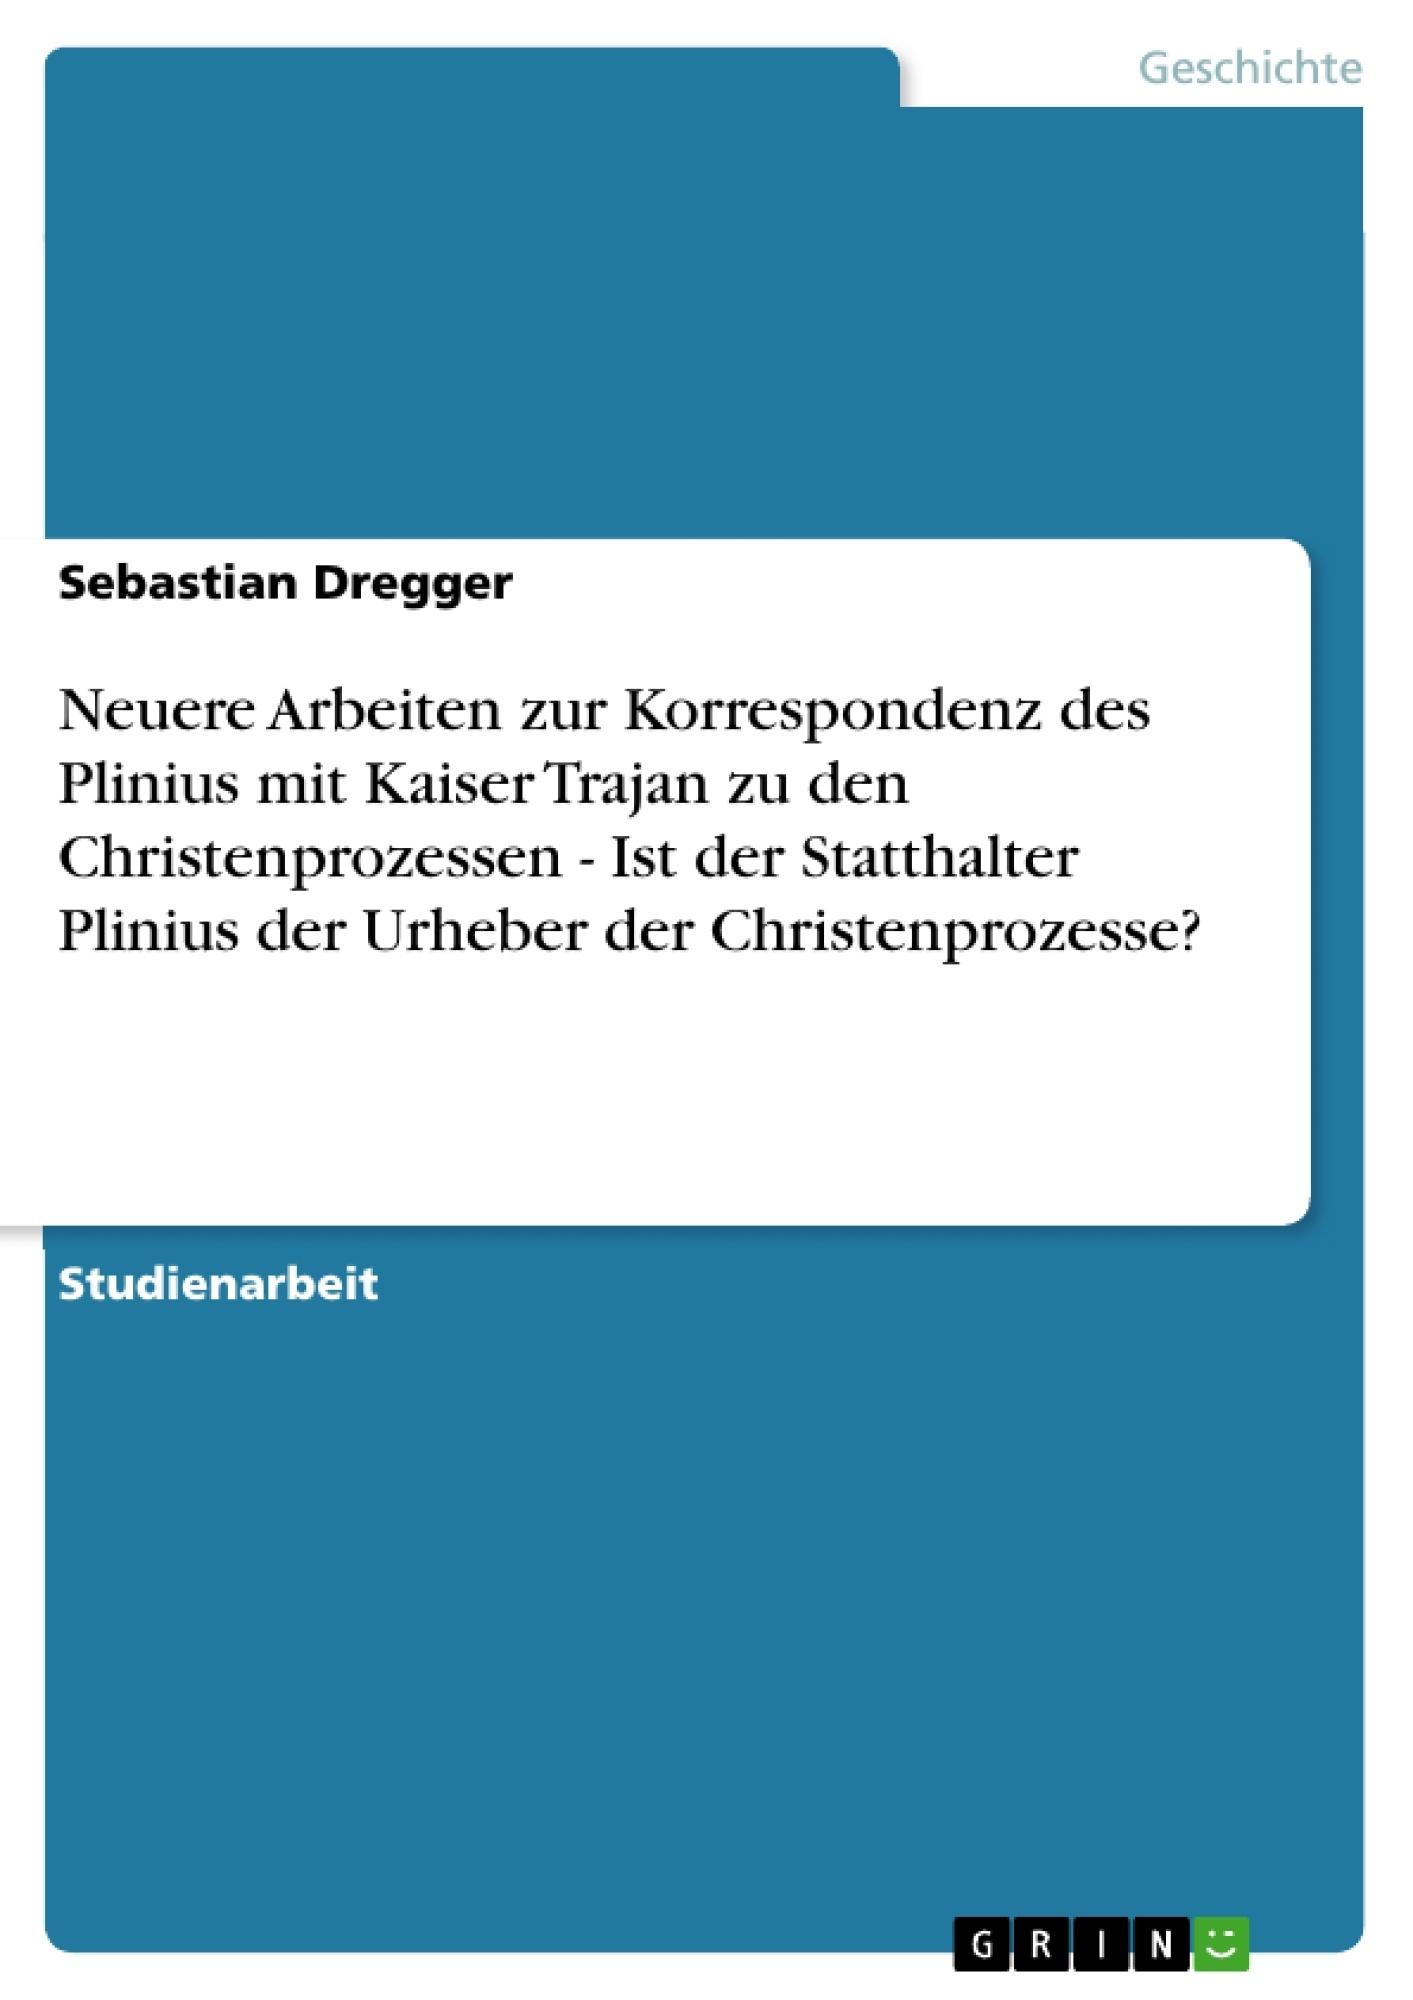 Titel: Neuere Arbeiten zur Korrespondenz des Plinius mit Kaiser Trajan zu den Christenprozessen - Ist der Statthalter Plinius der Urheber der Christenprozesse?